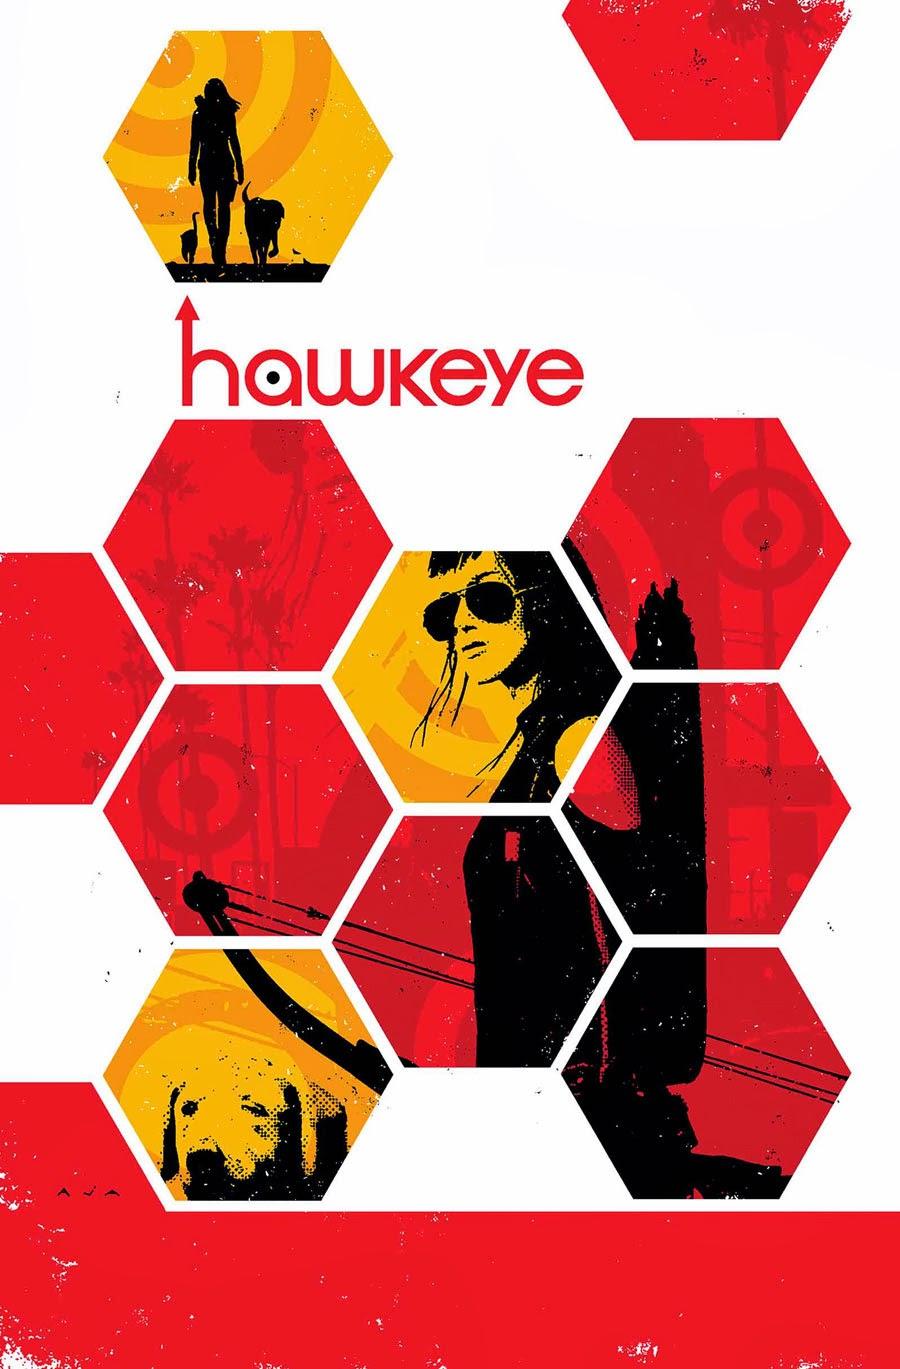 hawkeye14.jpg